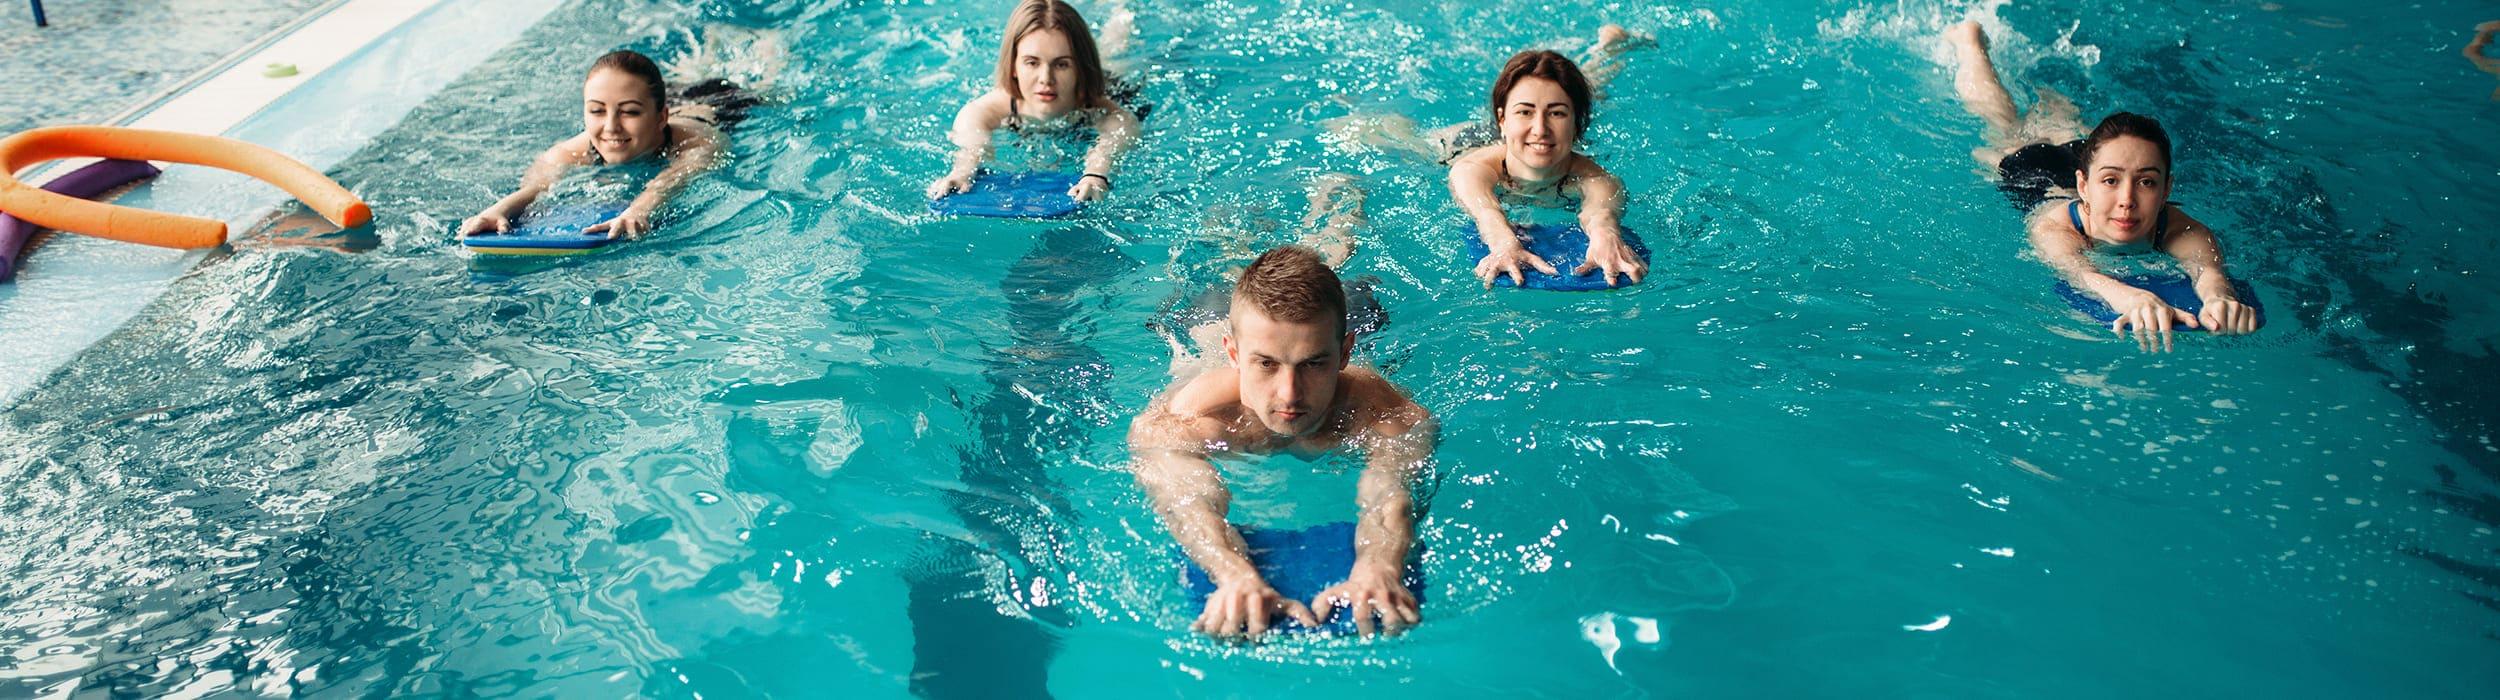 binder_header_schwimmer_bad